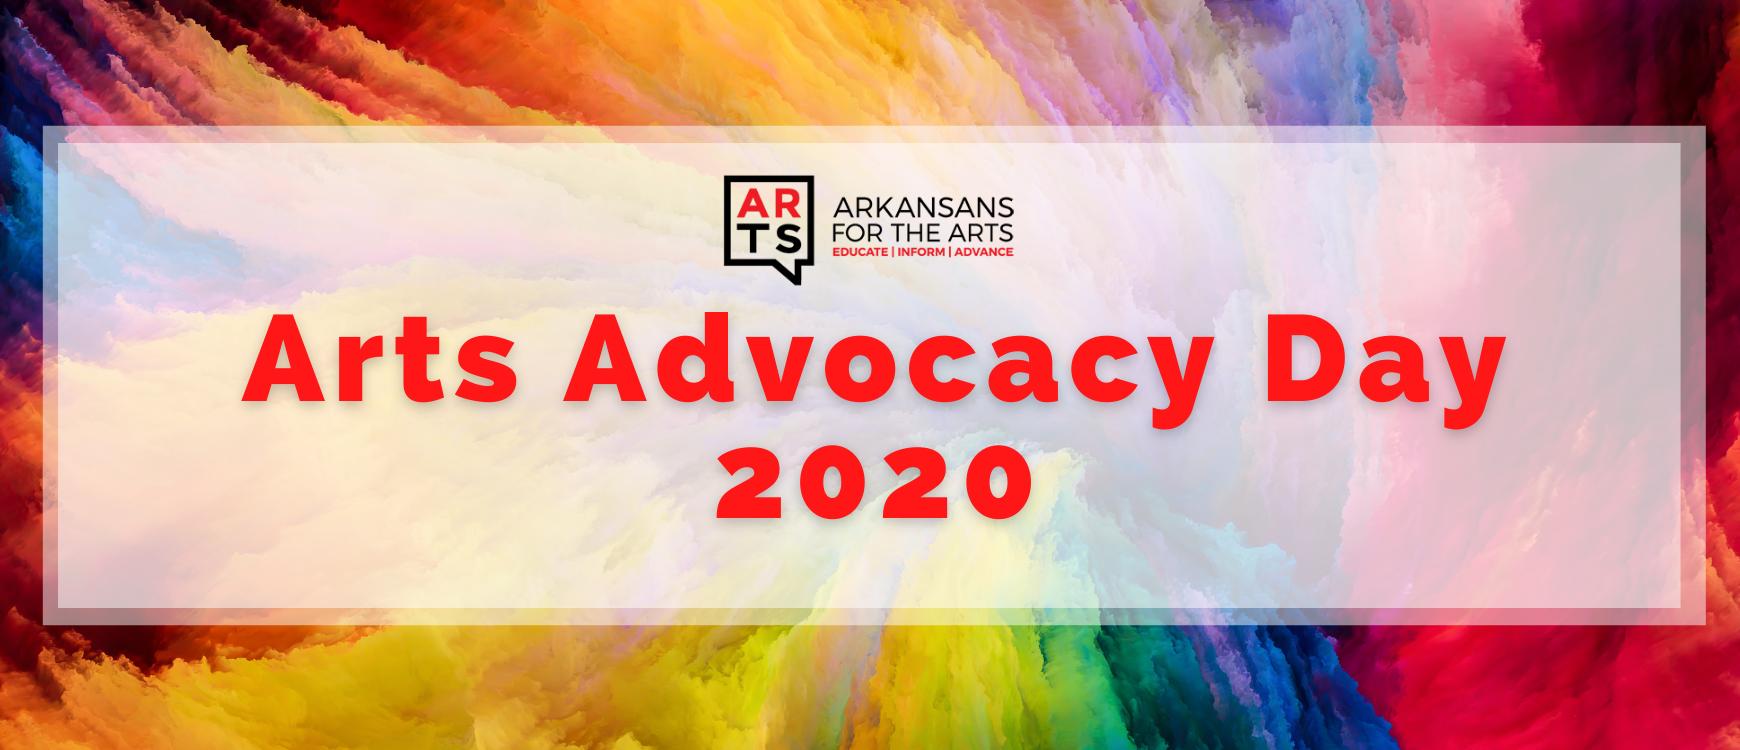 Advocacy Day 2020